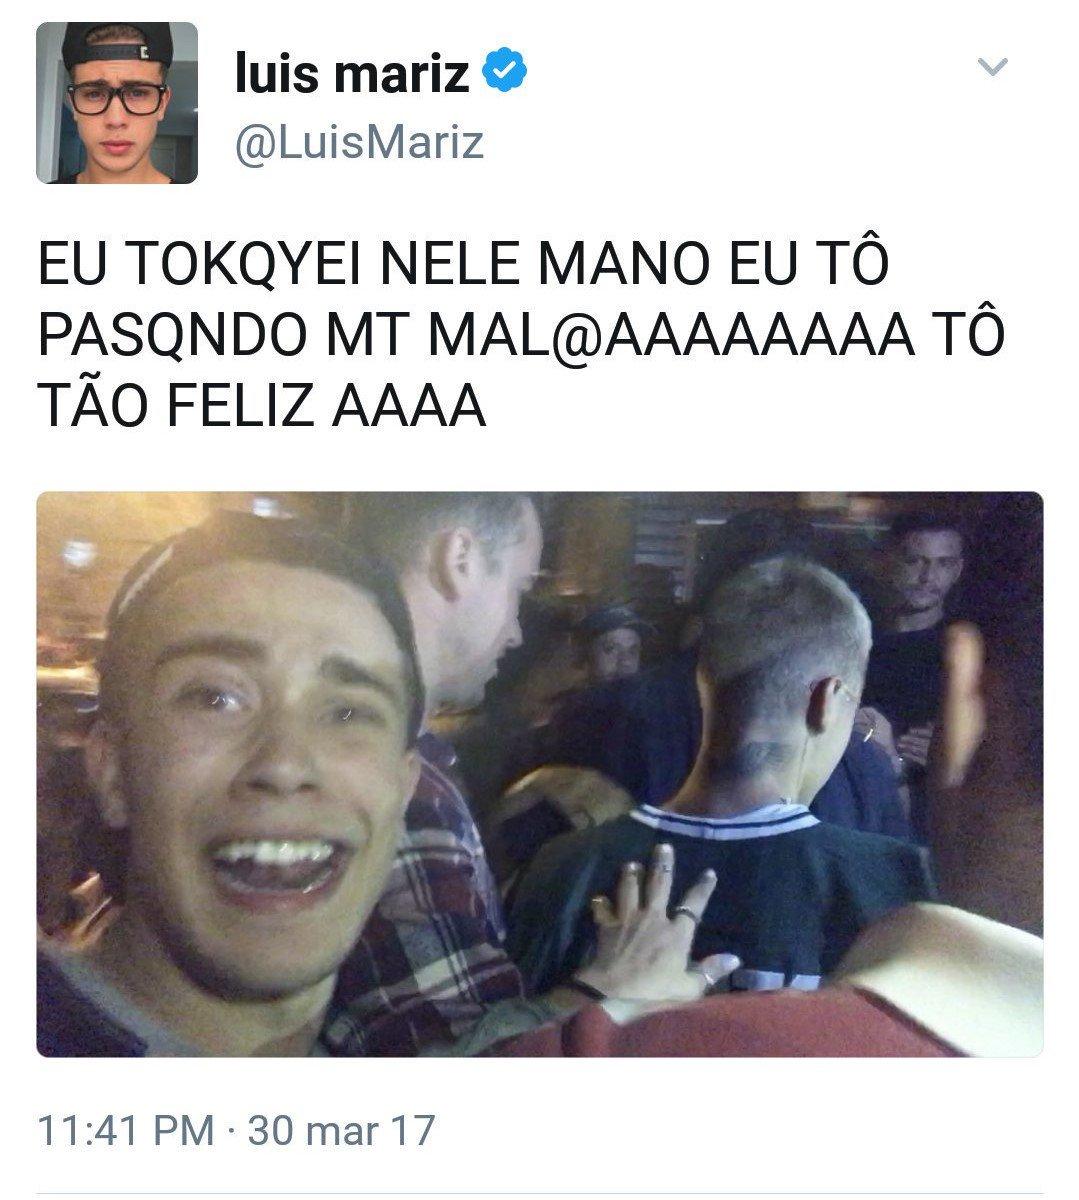 Luis Mariz